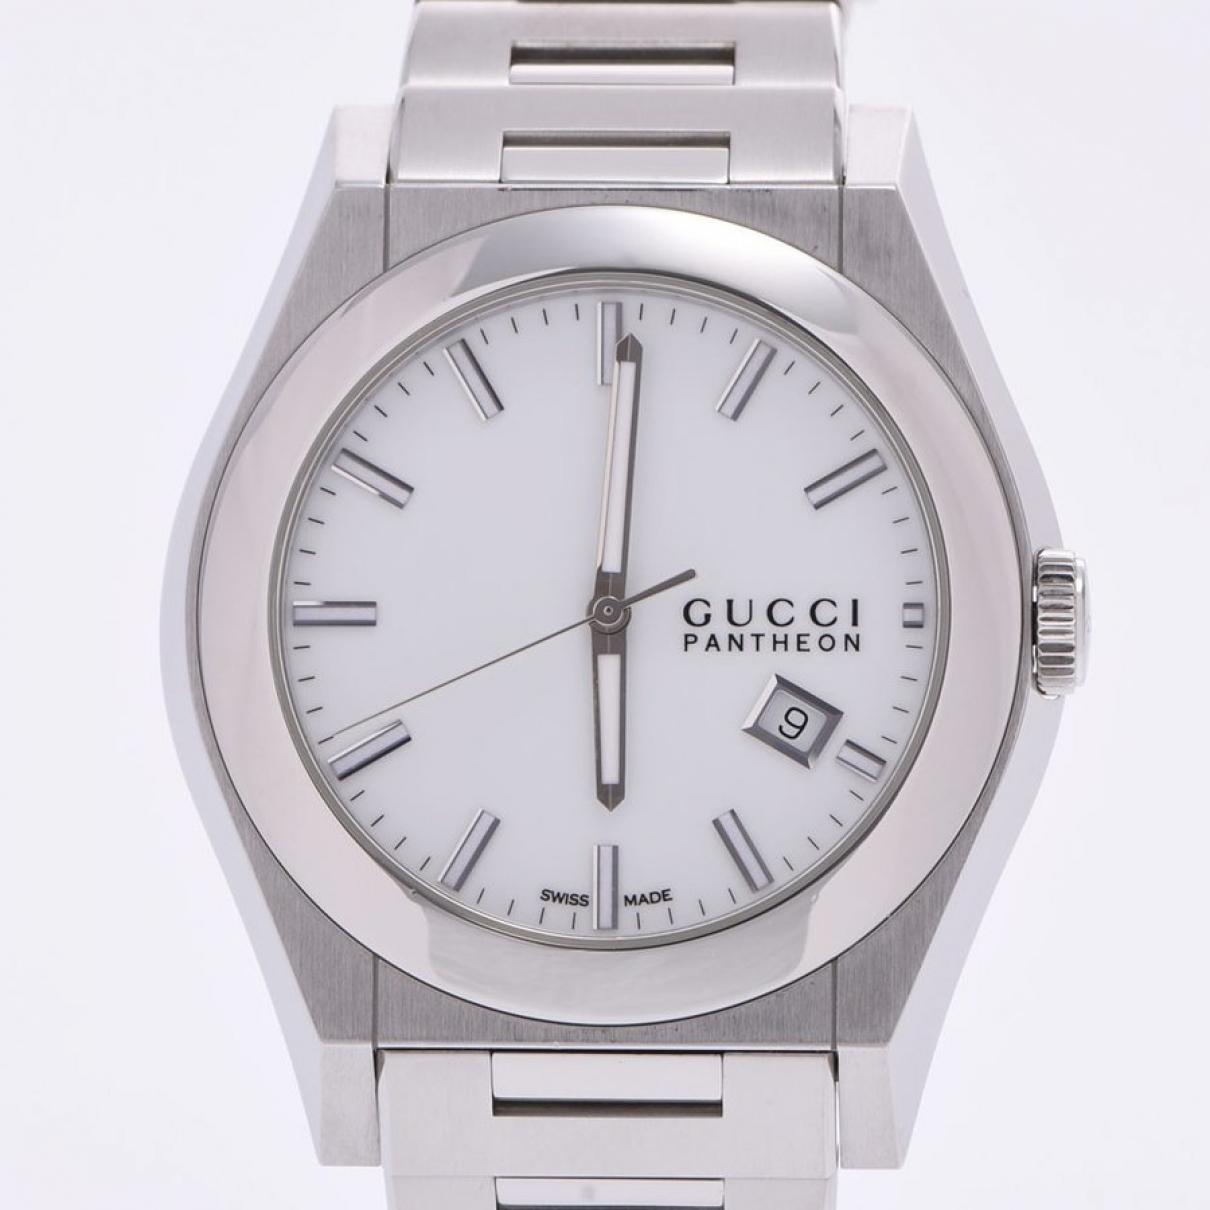 Gucci Pantheon Uhr in  Weiss Stahl